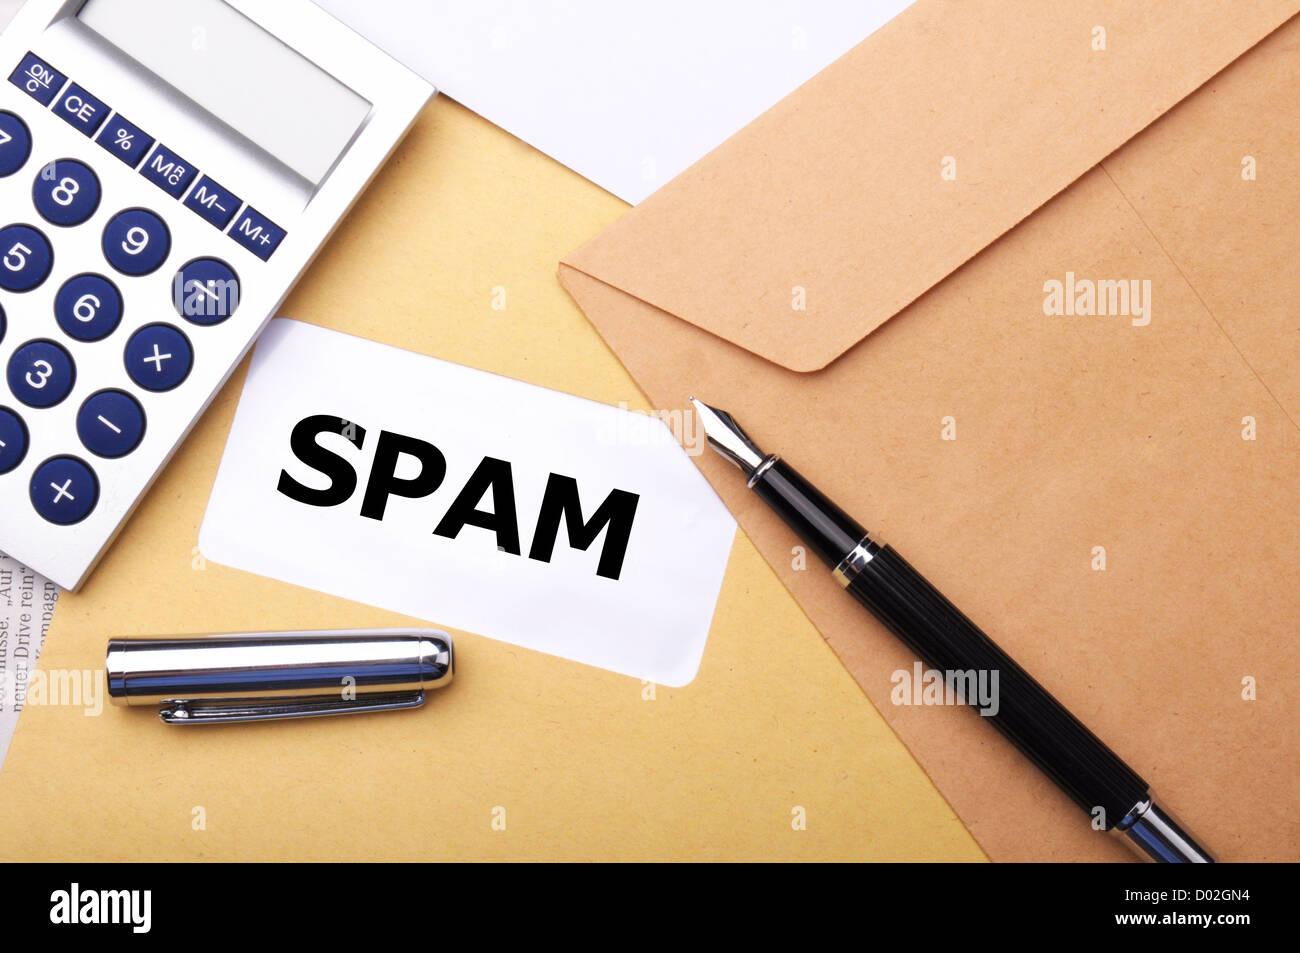 Spam-Mail oder e-Mail-Konzept mit Wort auf evelope Stockbild